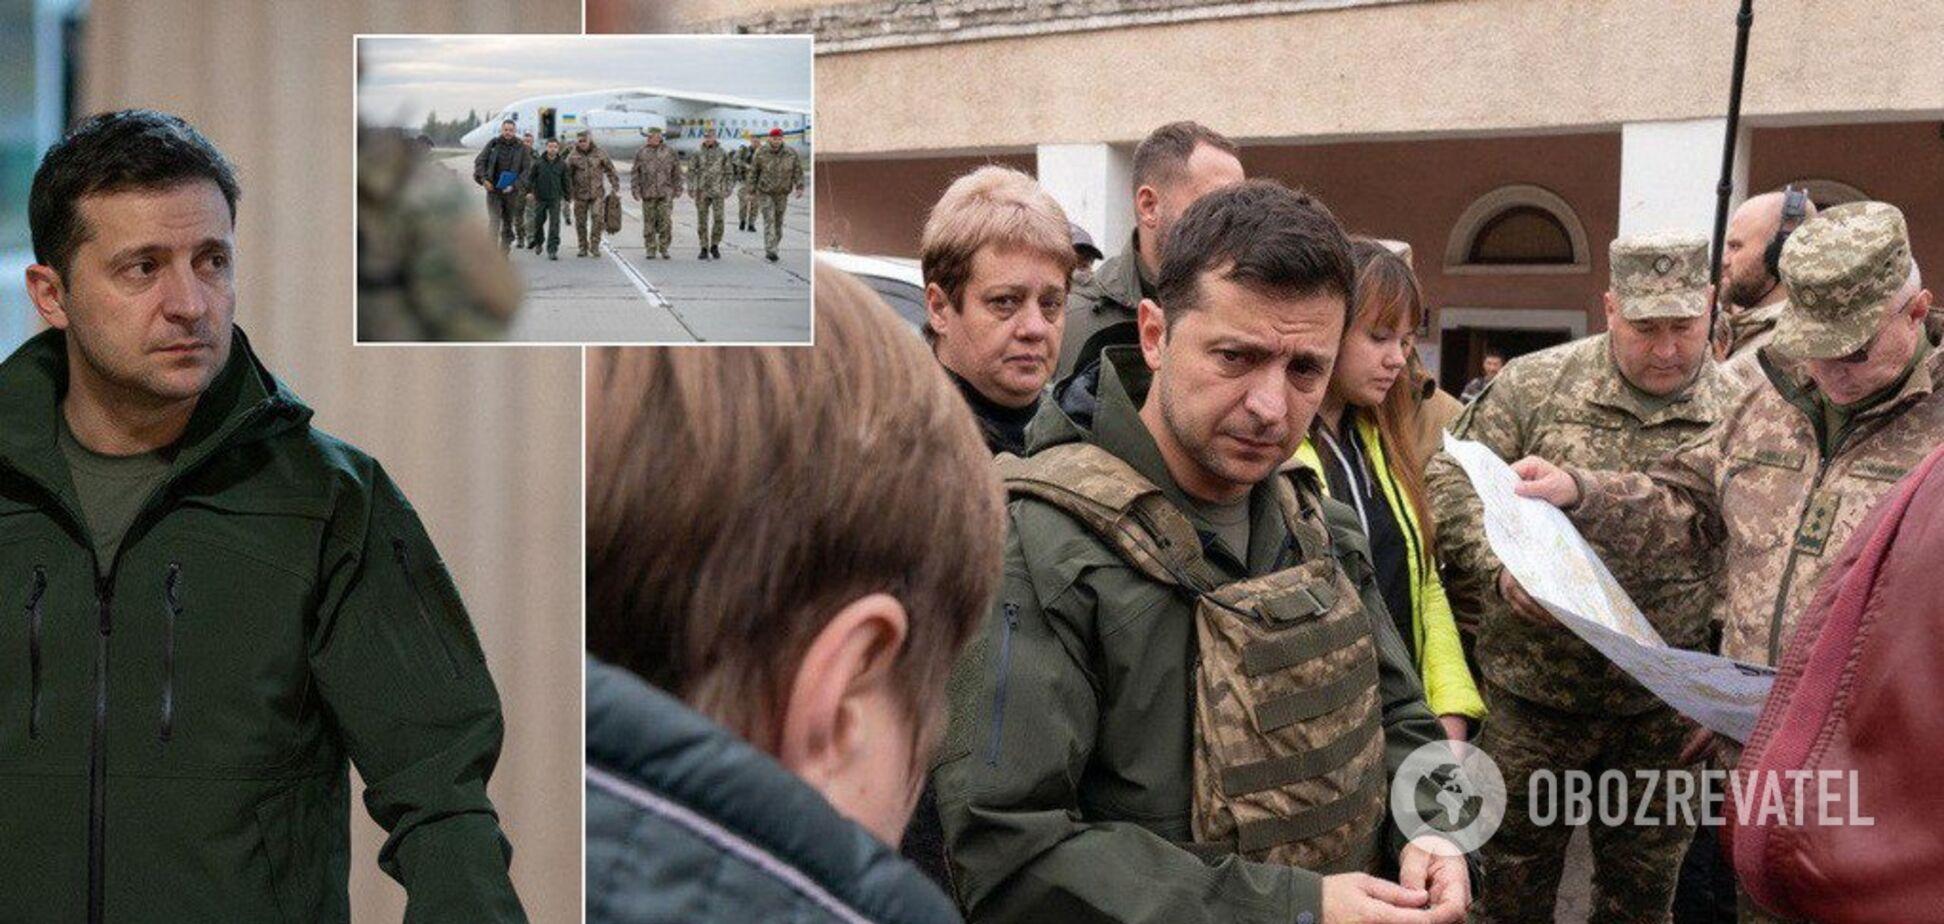 'Я же не лох': Зеленский внезапно прибыл на Донбасс и устроил скандал. Видео